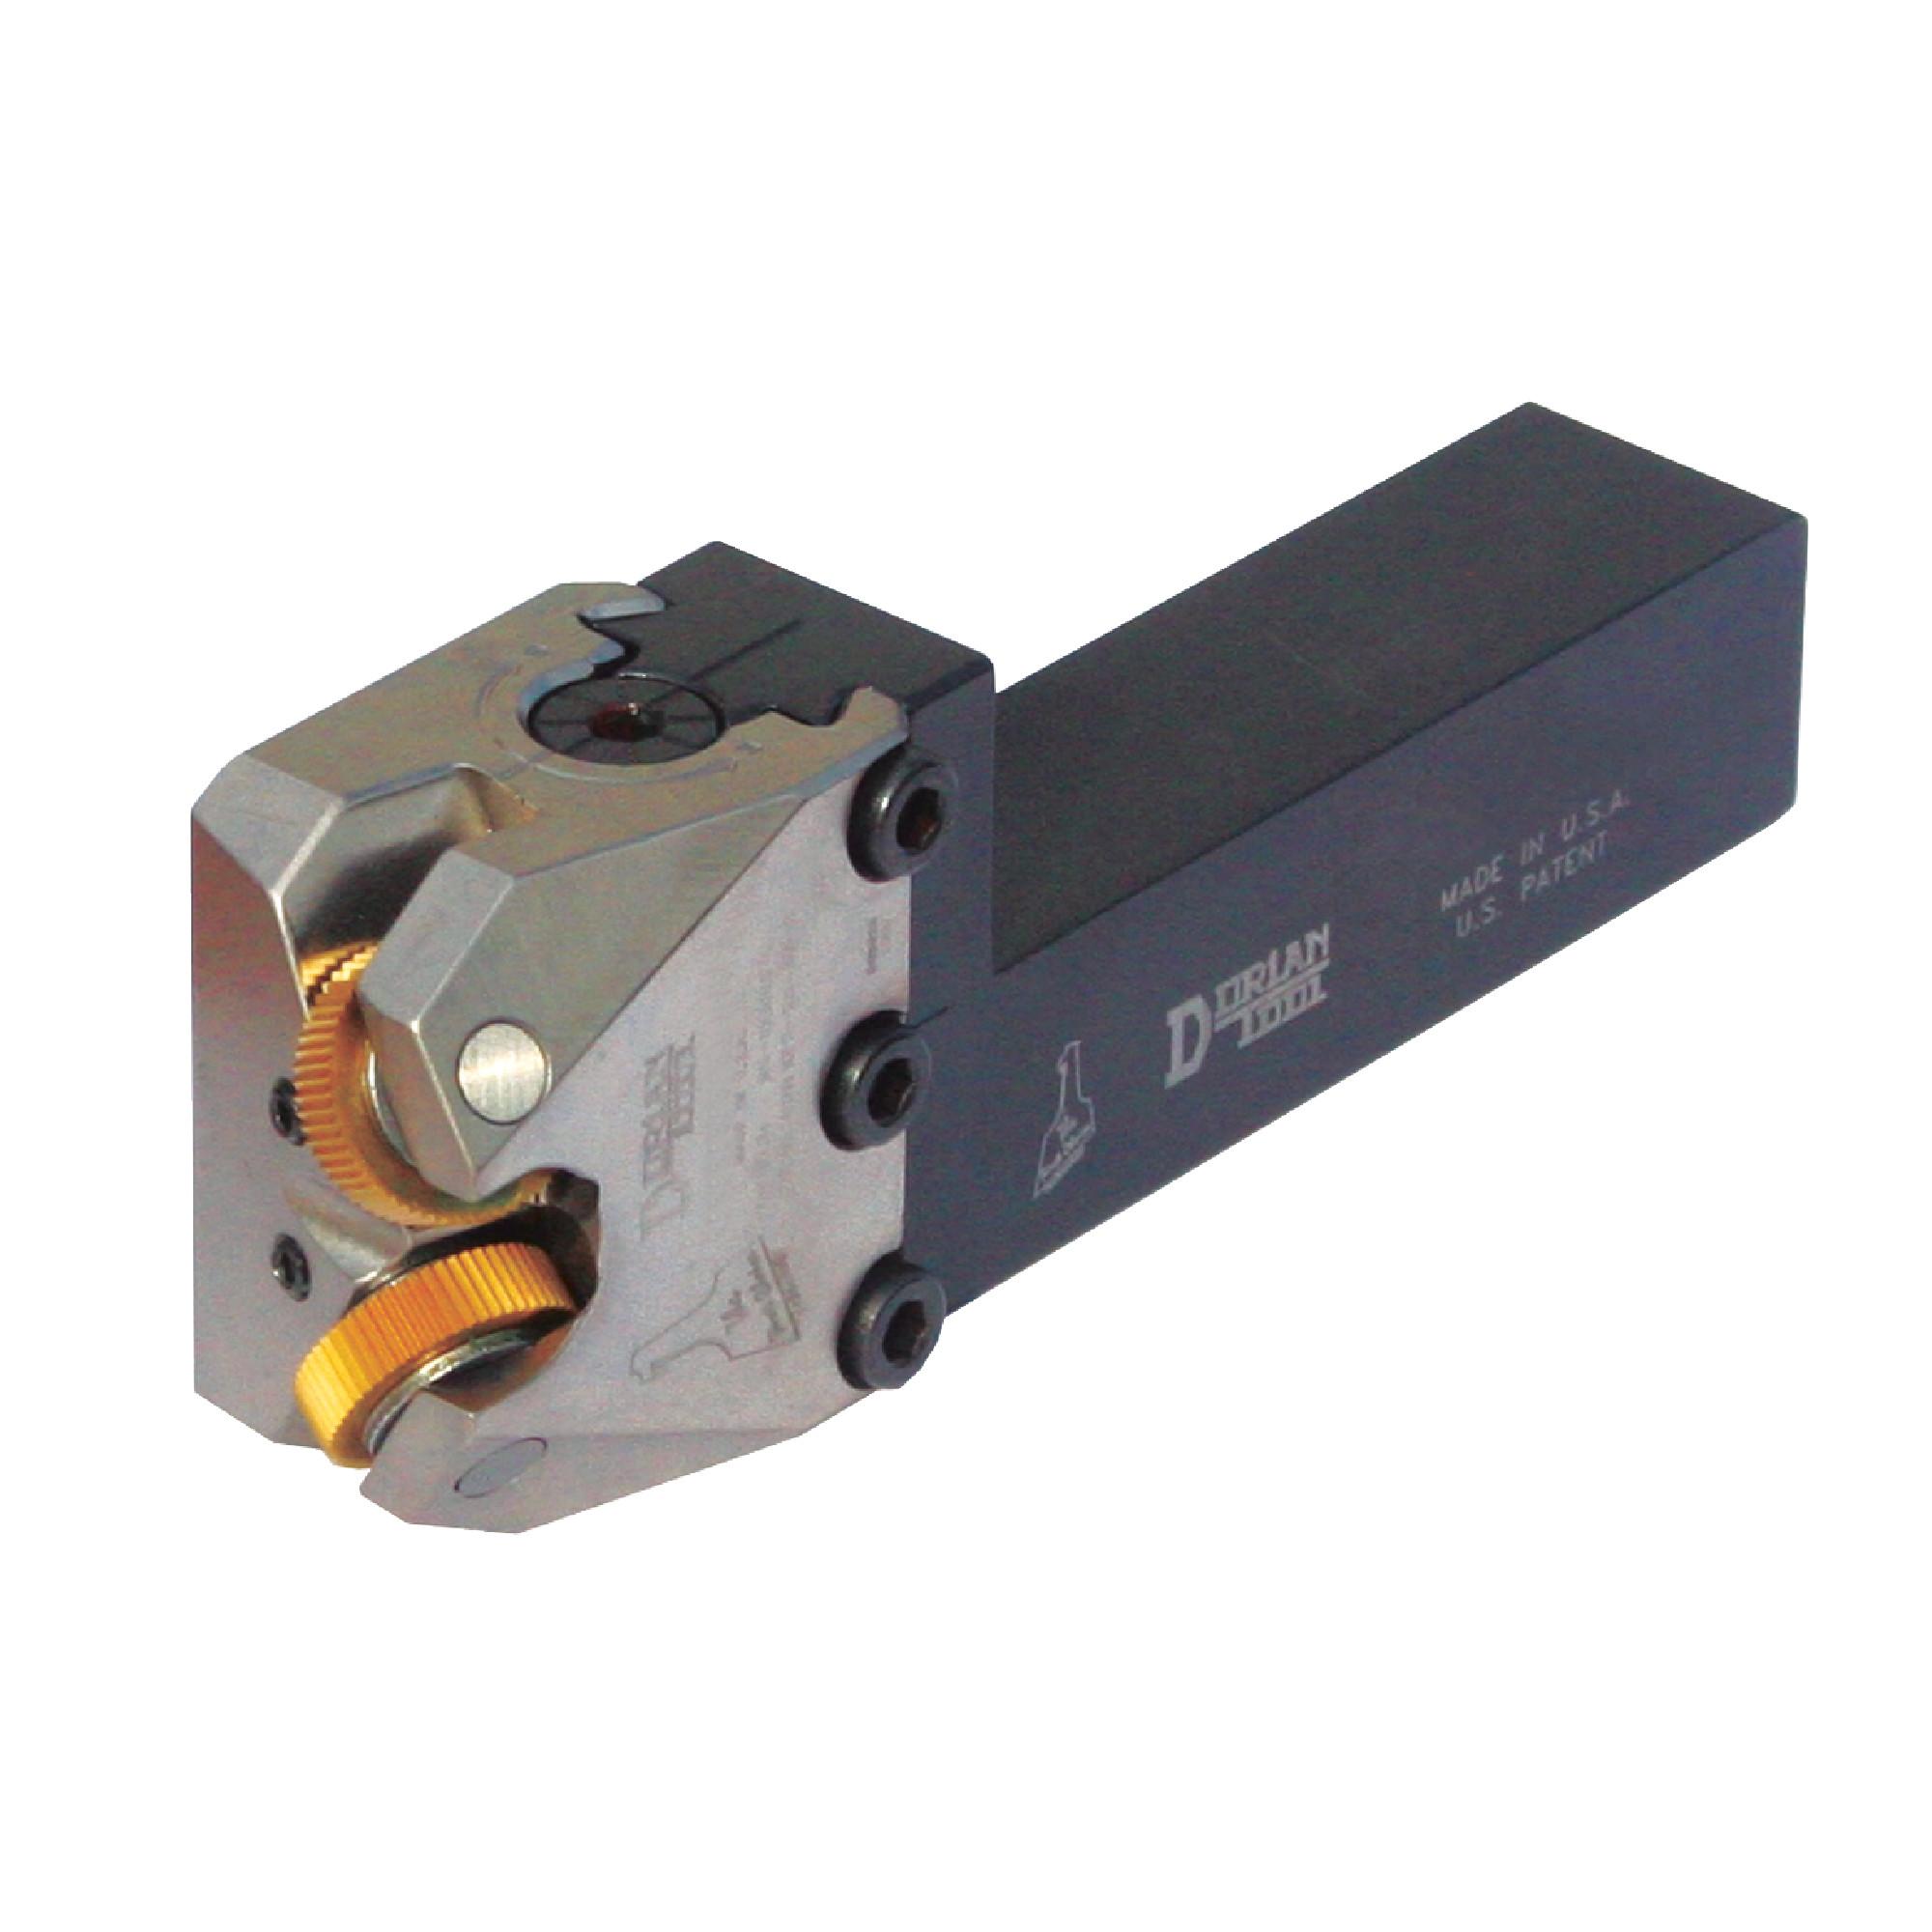 CNC - Cut Type Modular Knurling Tool